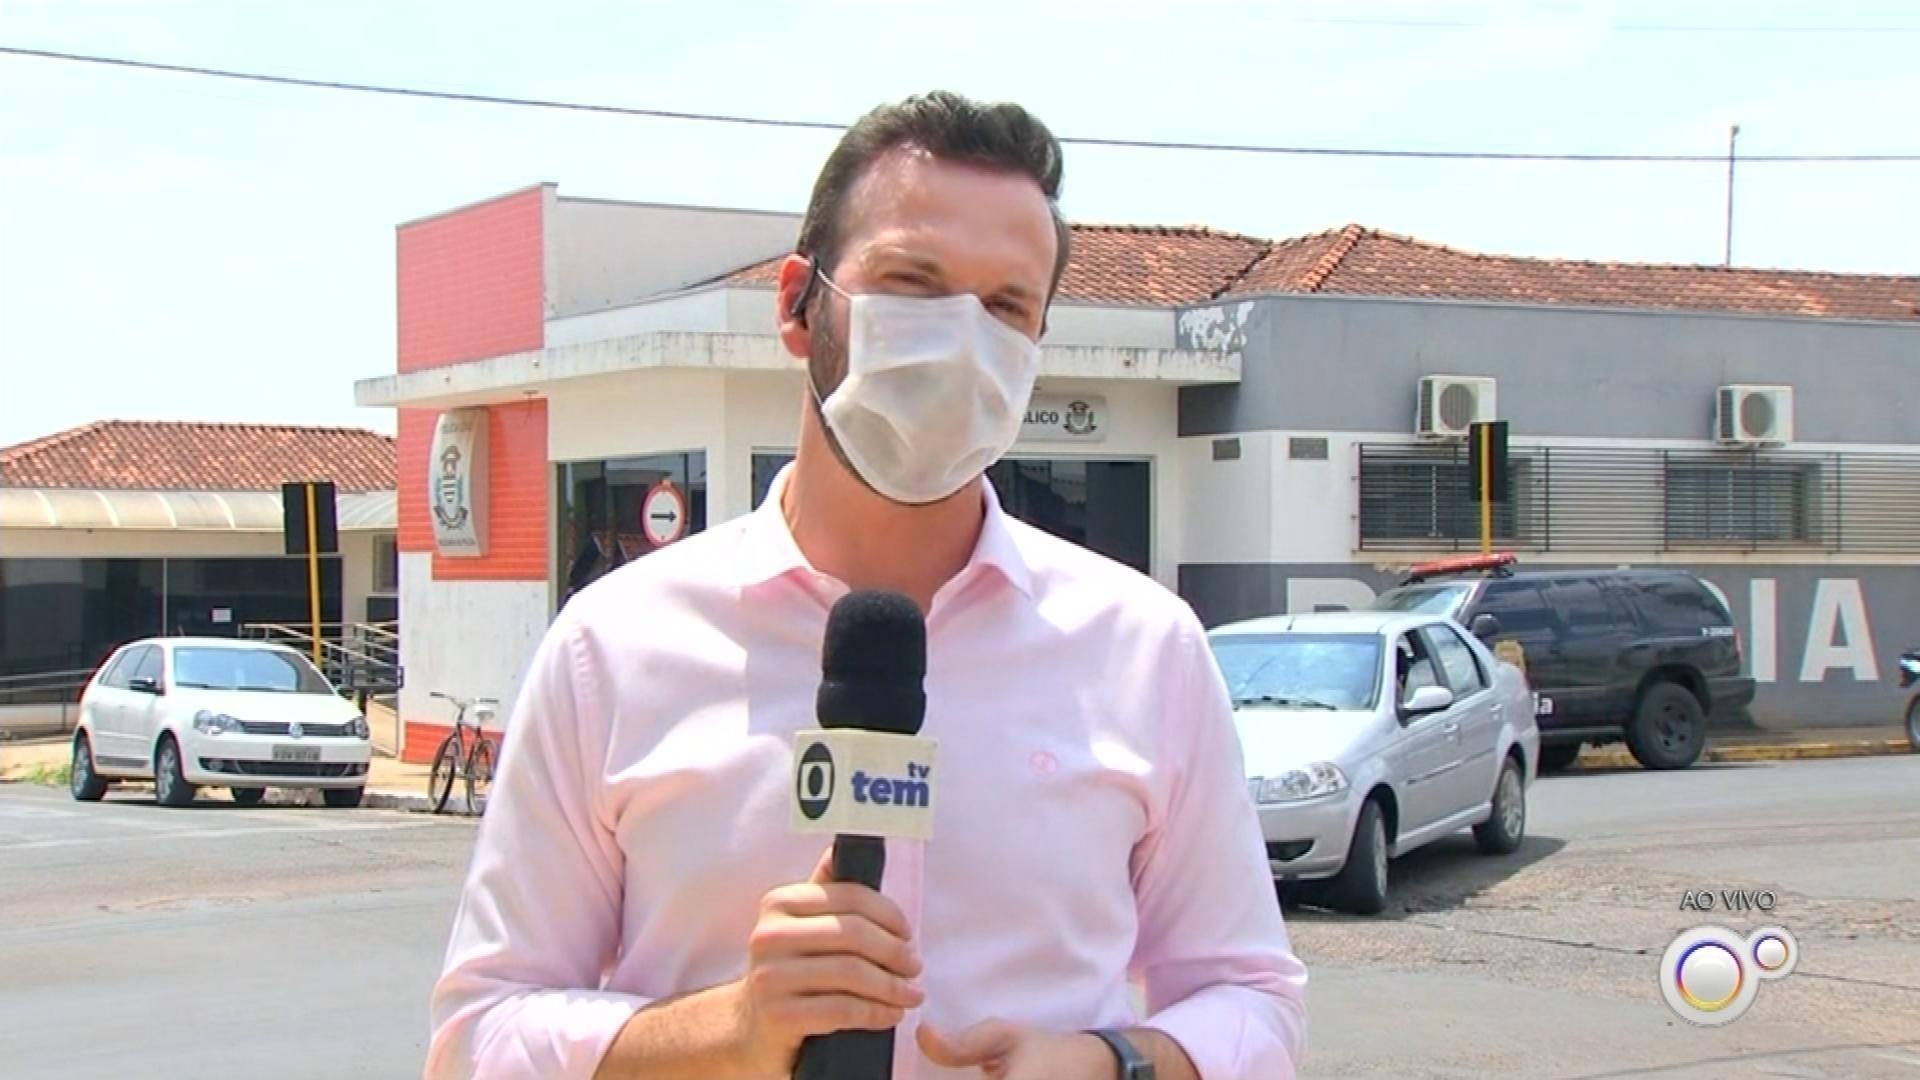 VÍDEOS: TEM Notícias 1ª edição de Rio Preto e Araçatuba desta quarta-feira, 23 de setembro